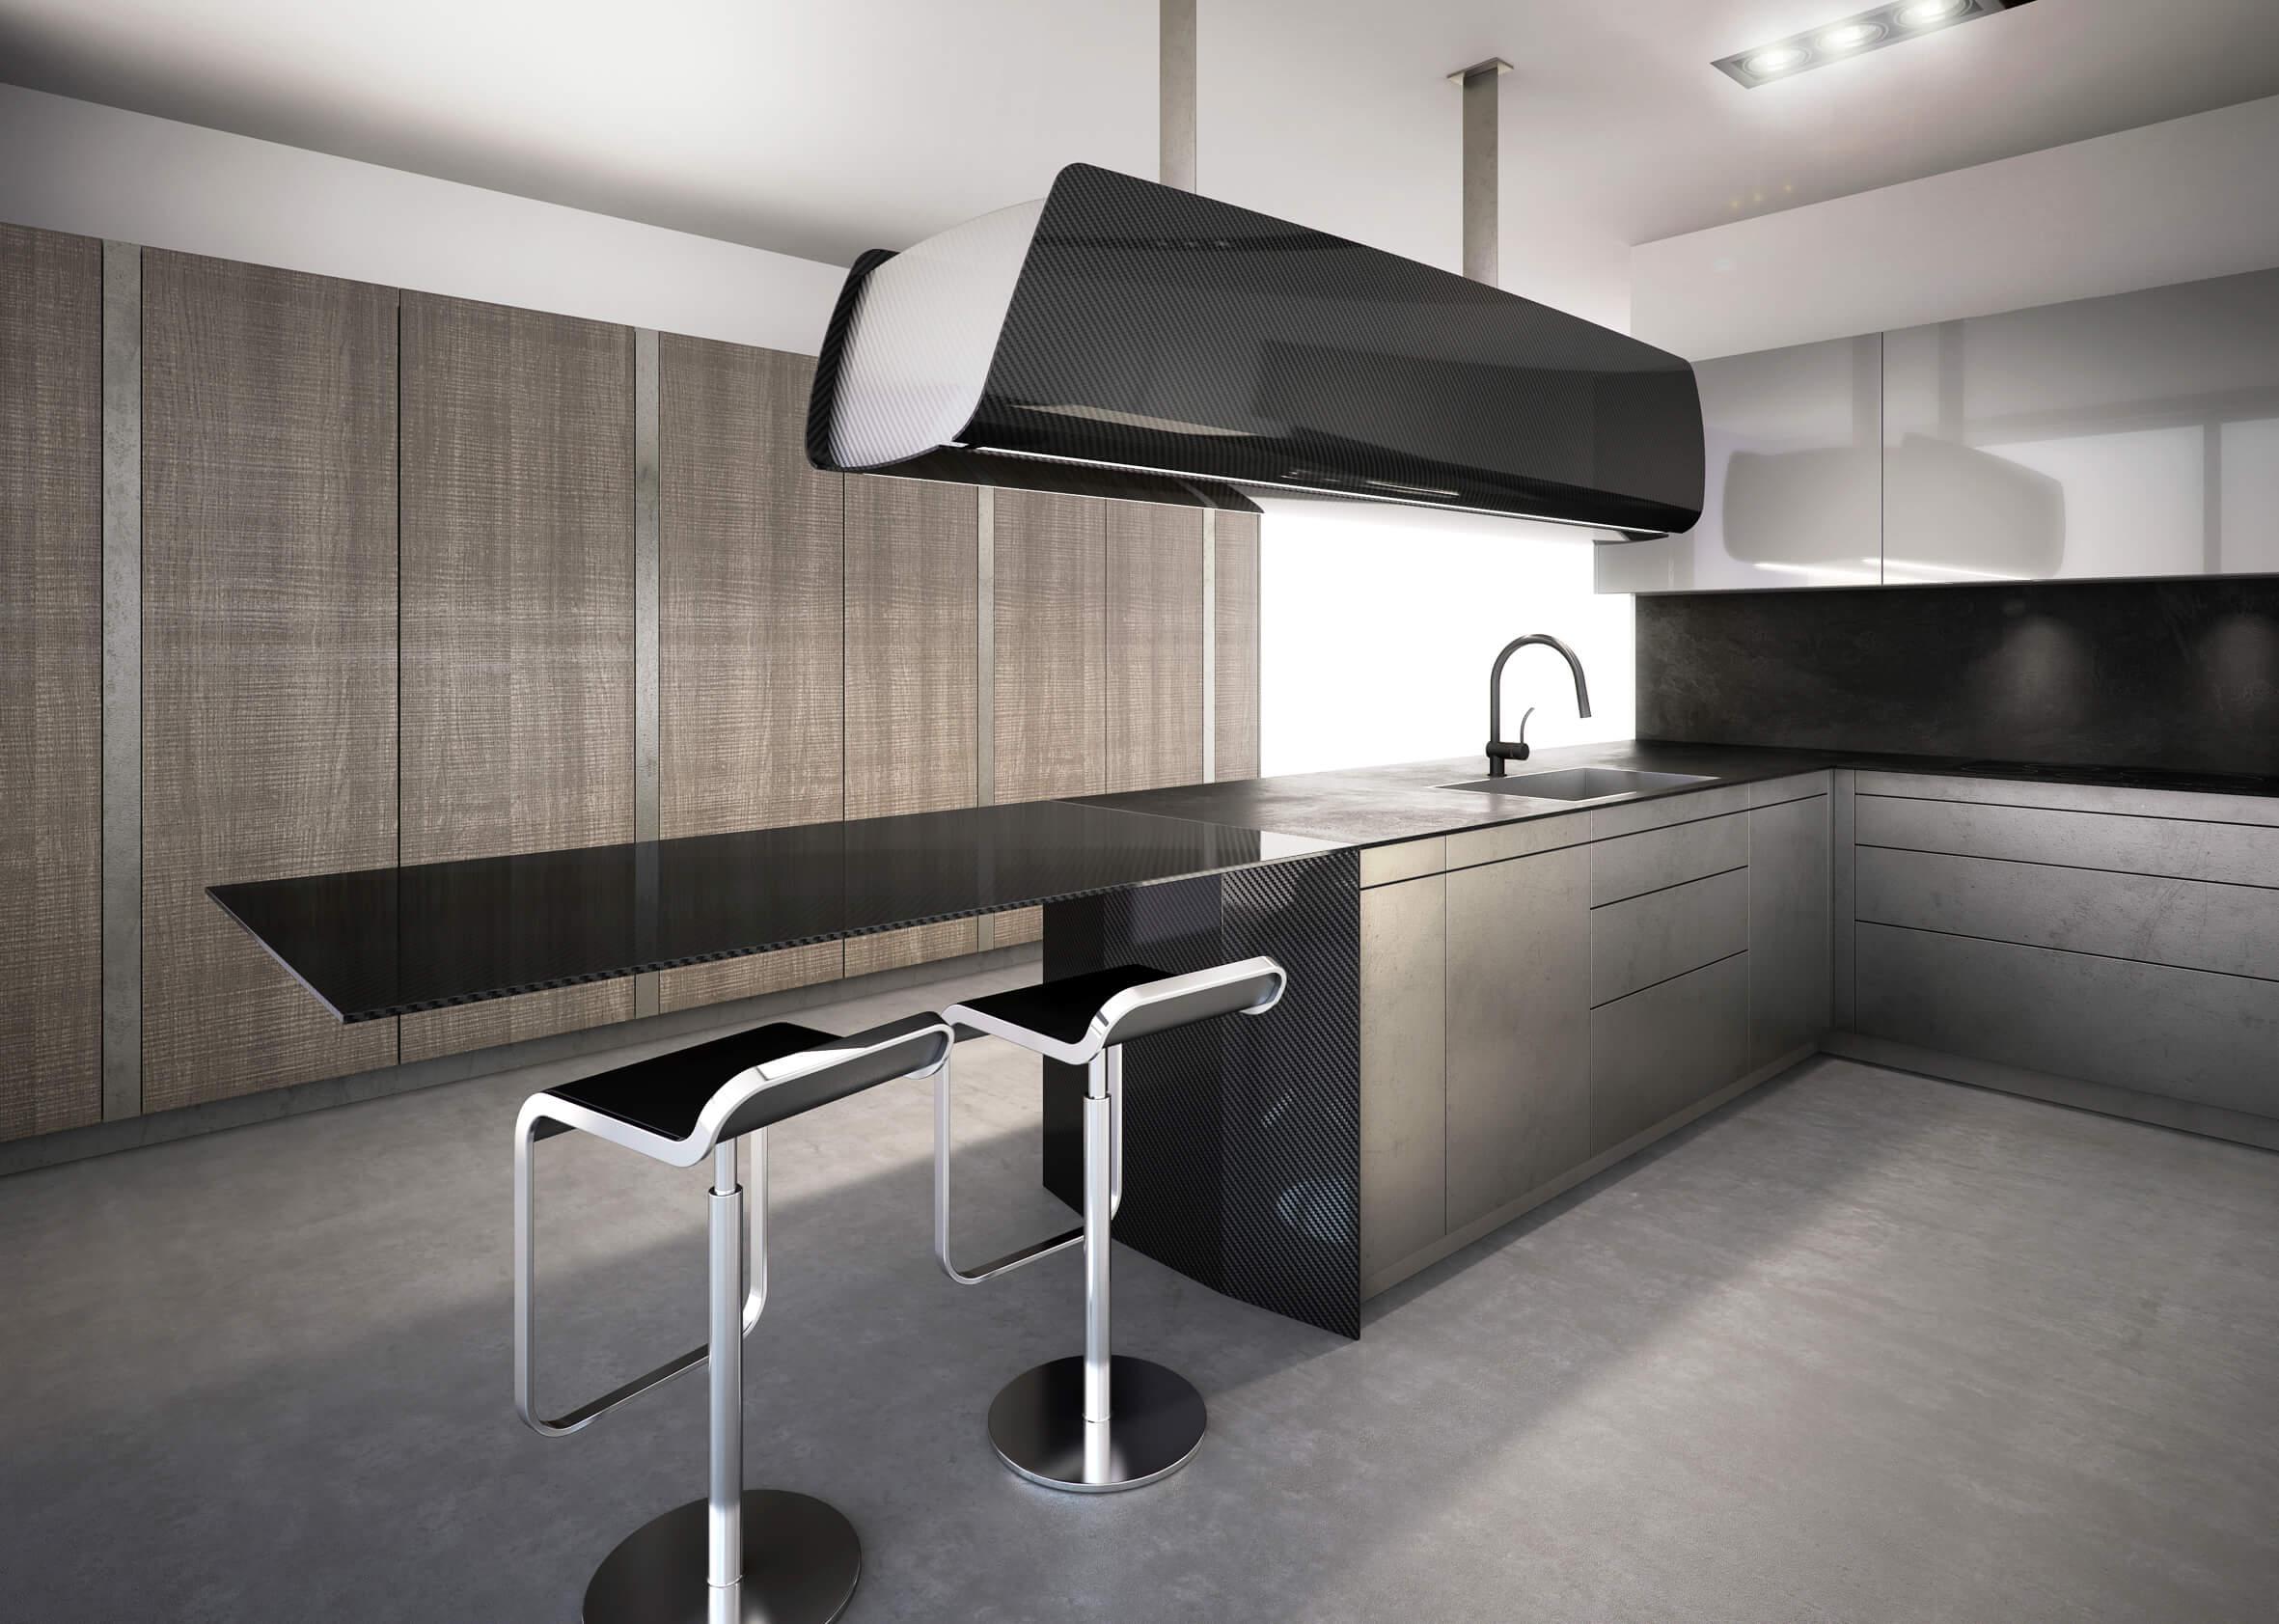 Cucine super-tecnologiche al Salone del Mobile 2014: Invisibile by ...